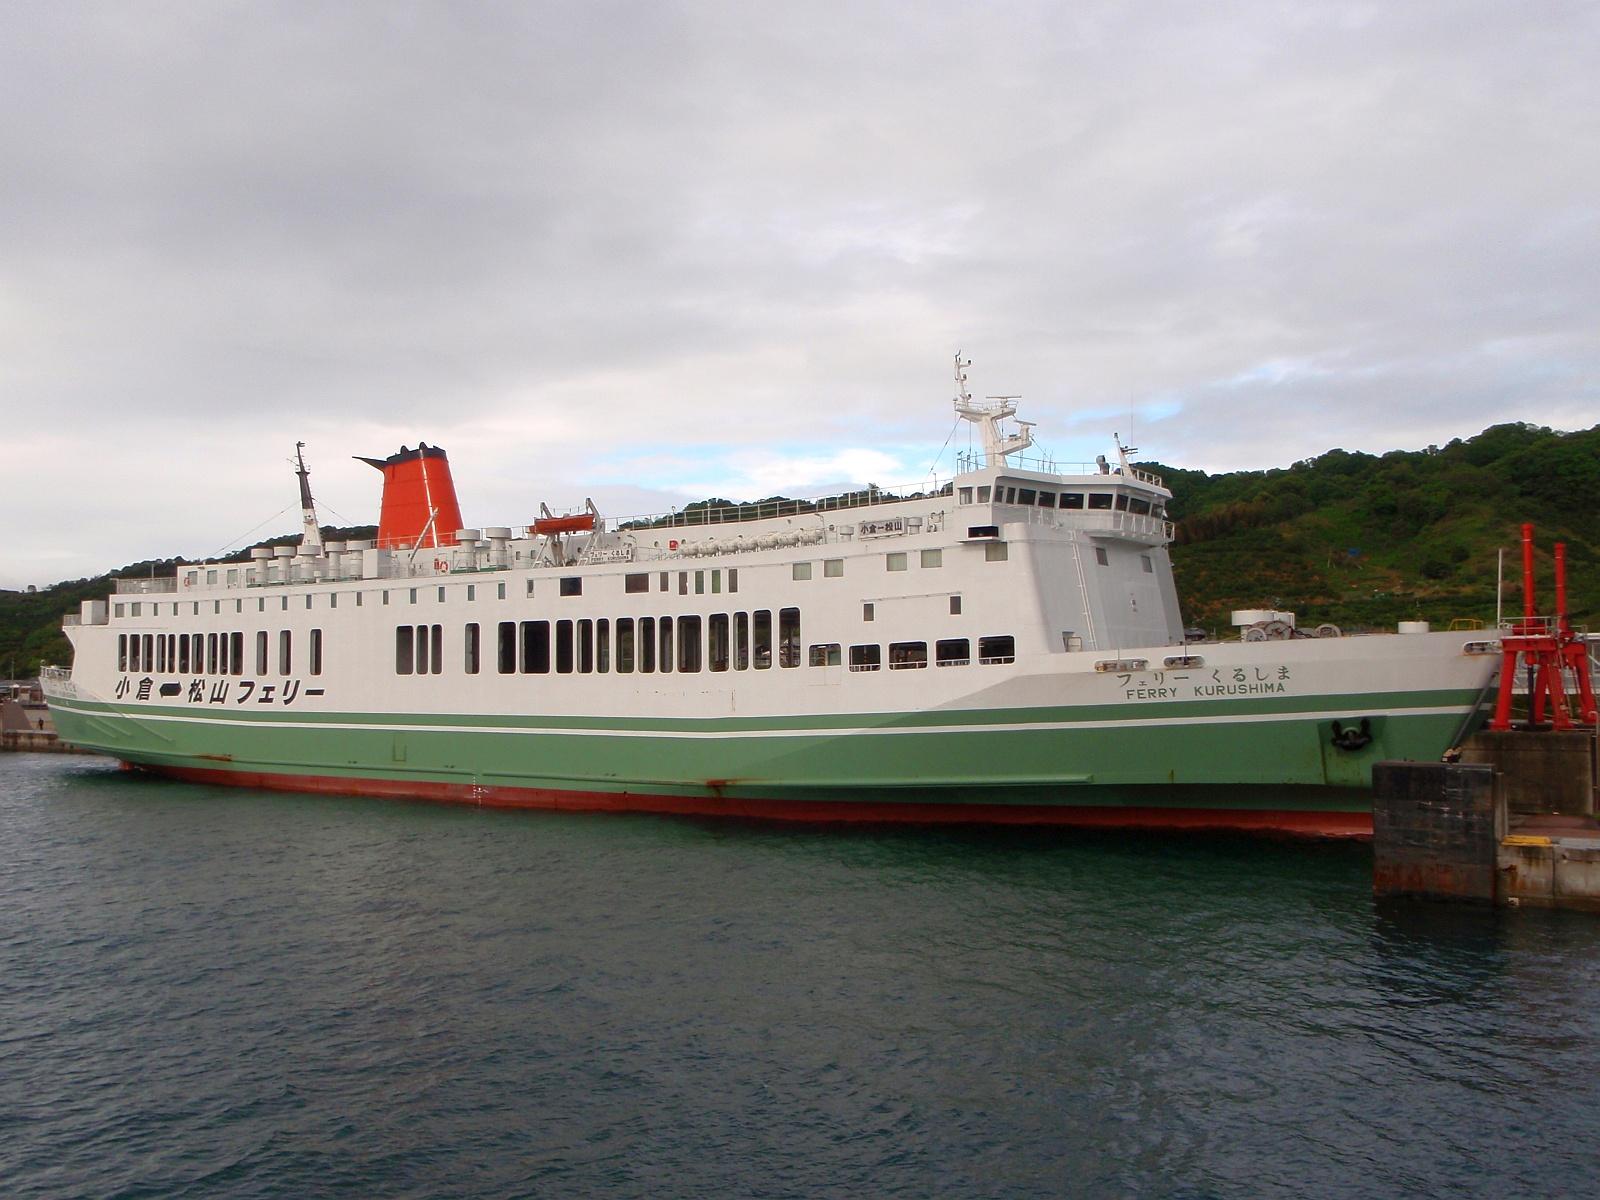 Ferry Kurushima Port of Matsuyama JAPAN - 宿代わりに使える夜行フェリー西日本編その1